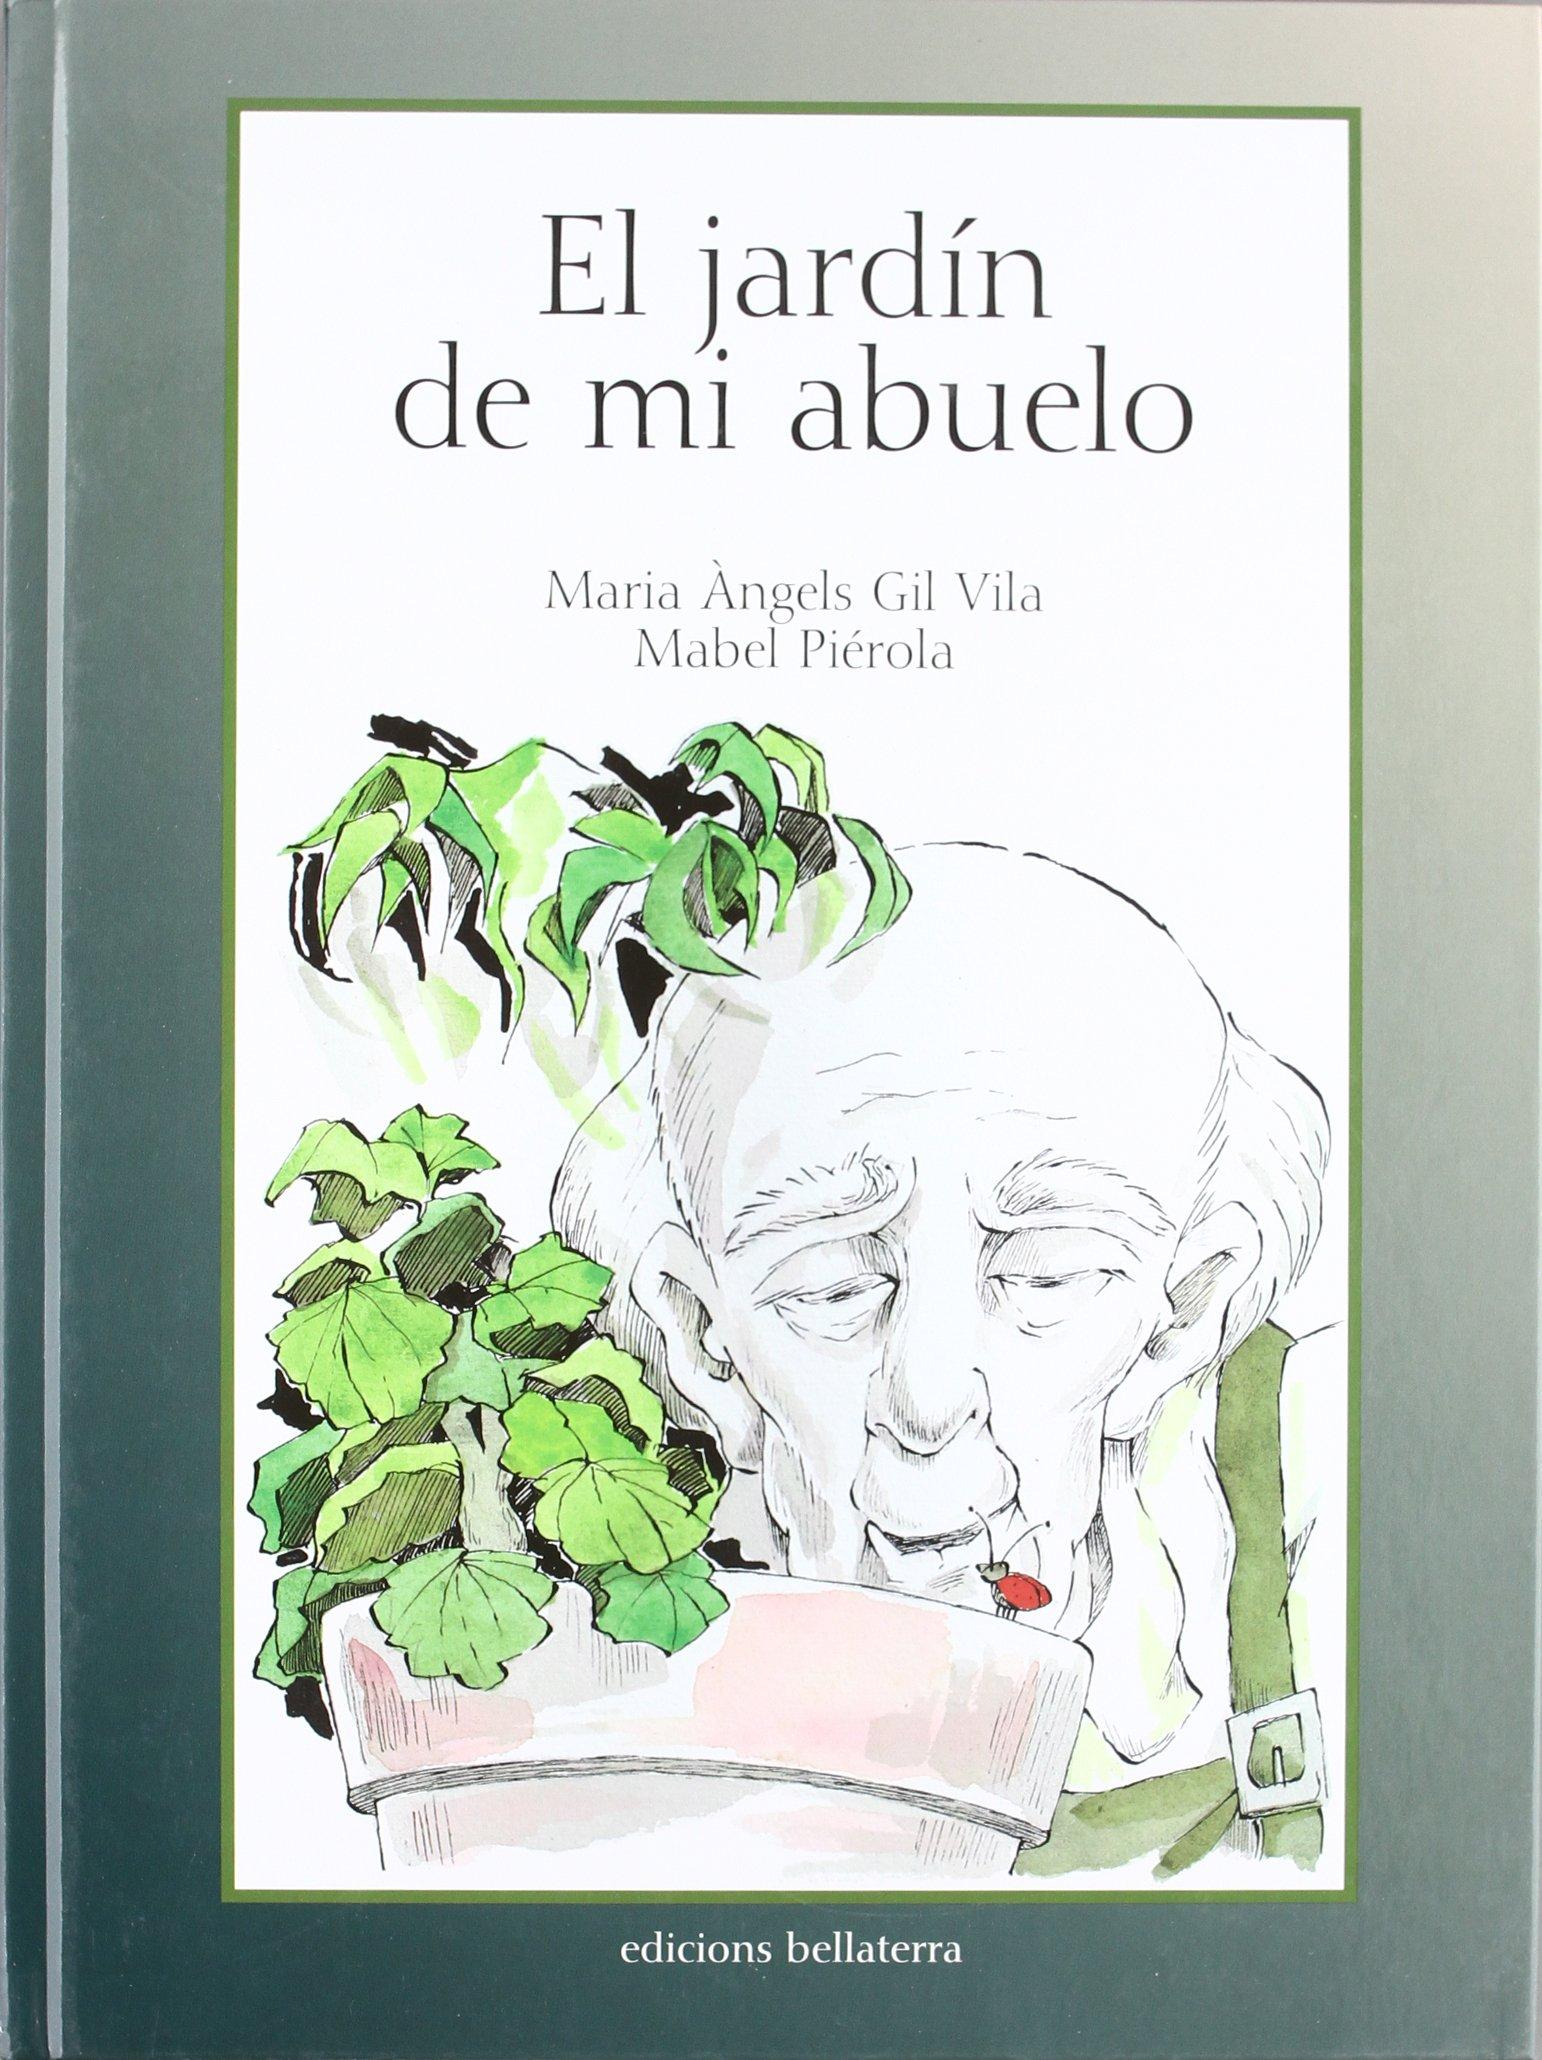 El jardín de mi abuelo: Amazon.es: Gil Vila Maria, Gil Vila Maria: Libros